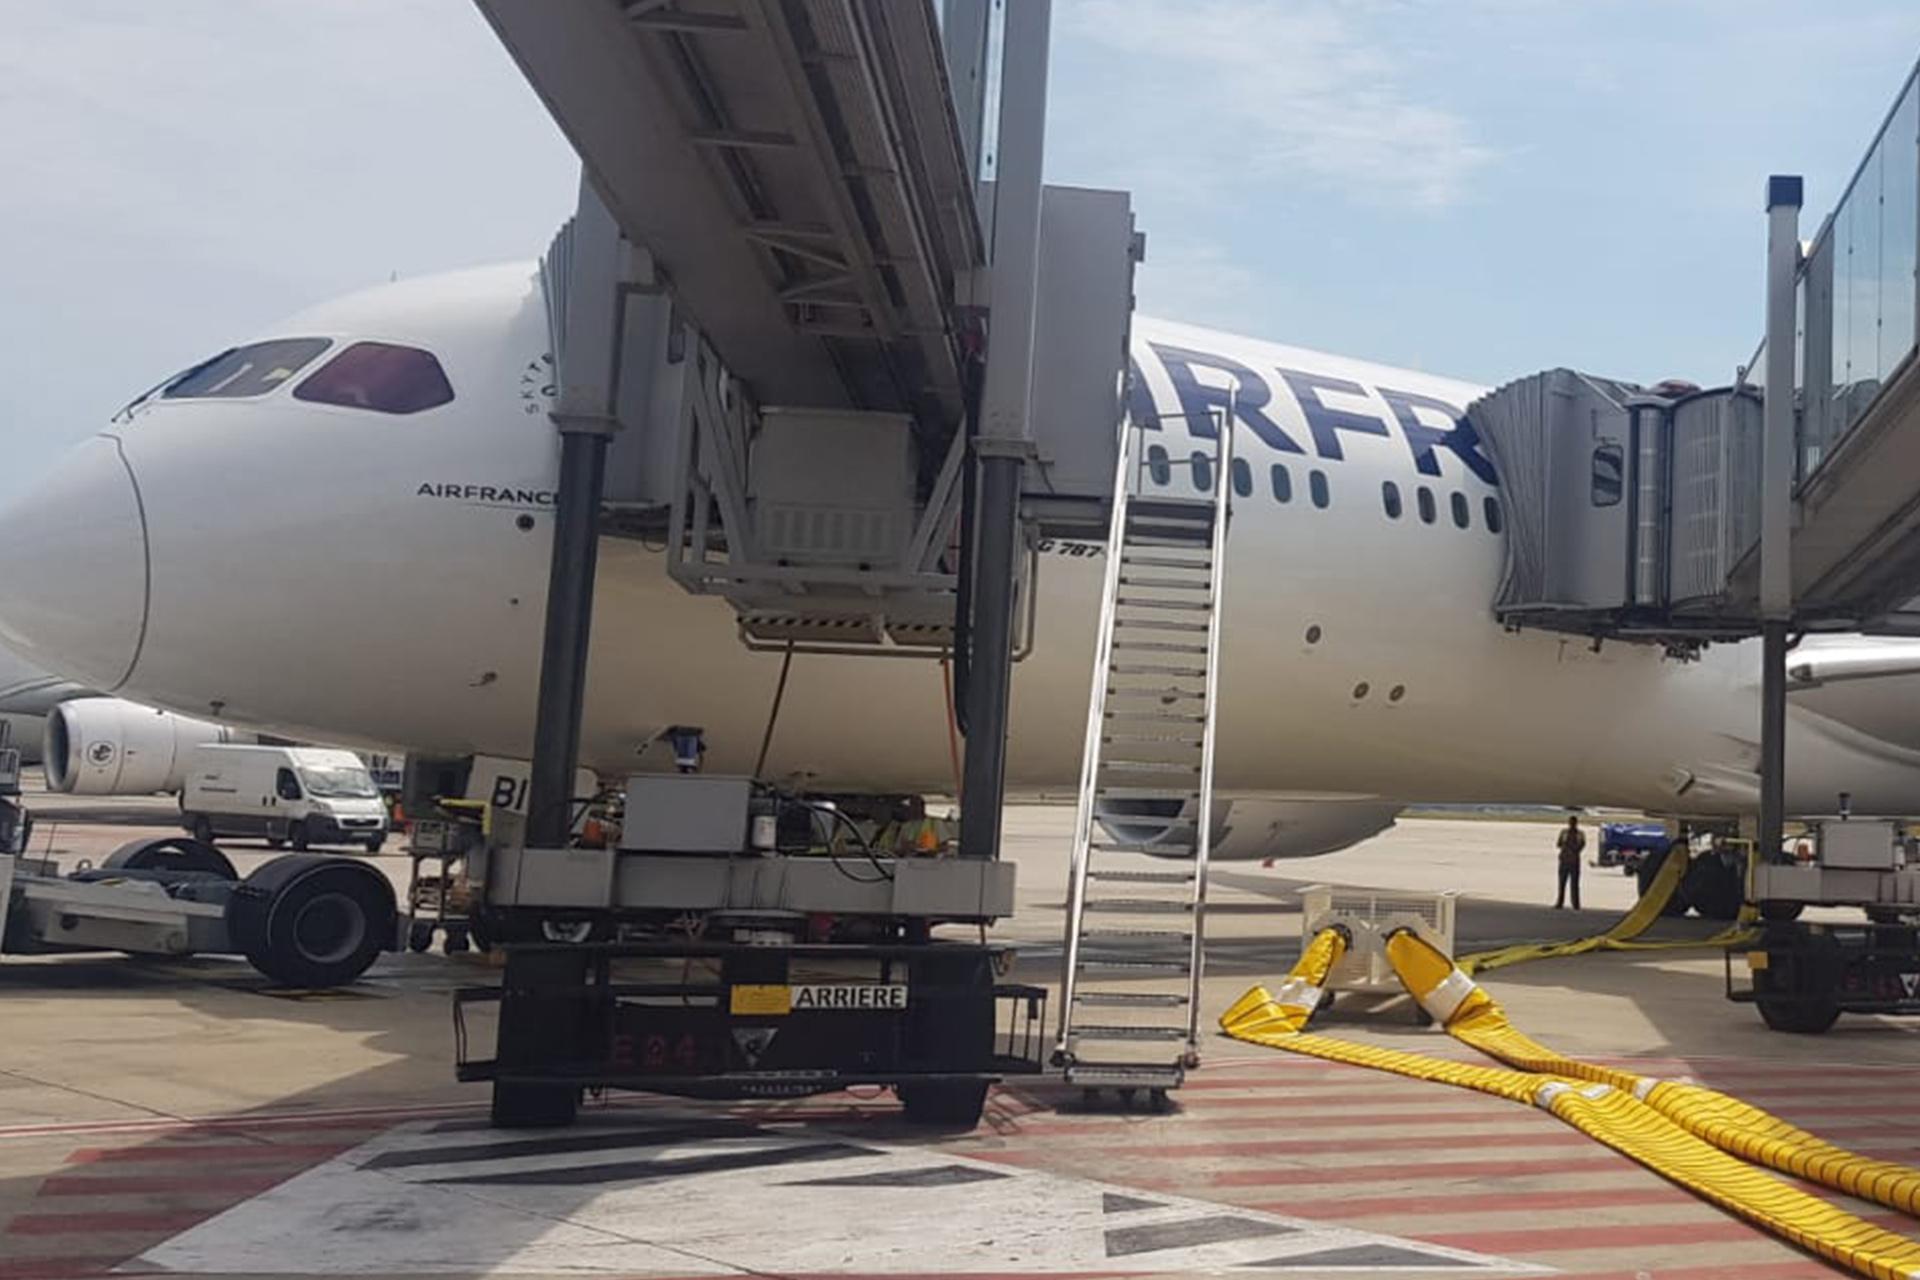 Embarquement des passagers dans l'avion